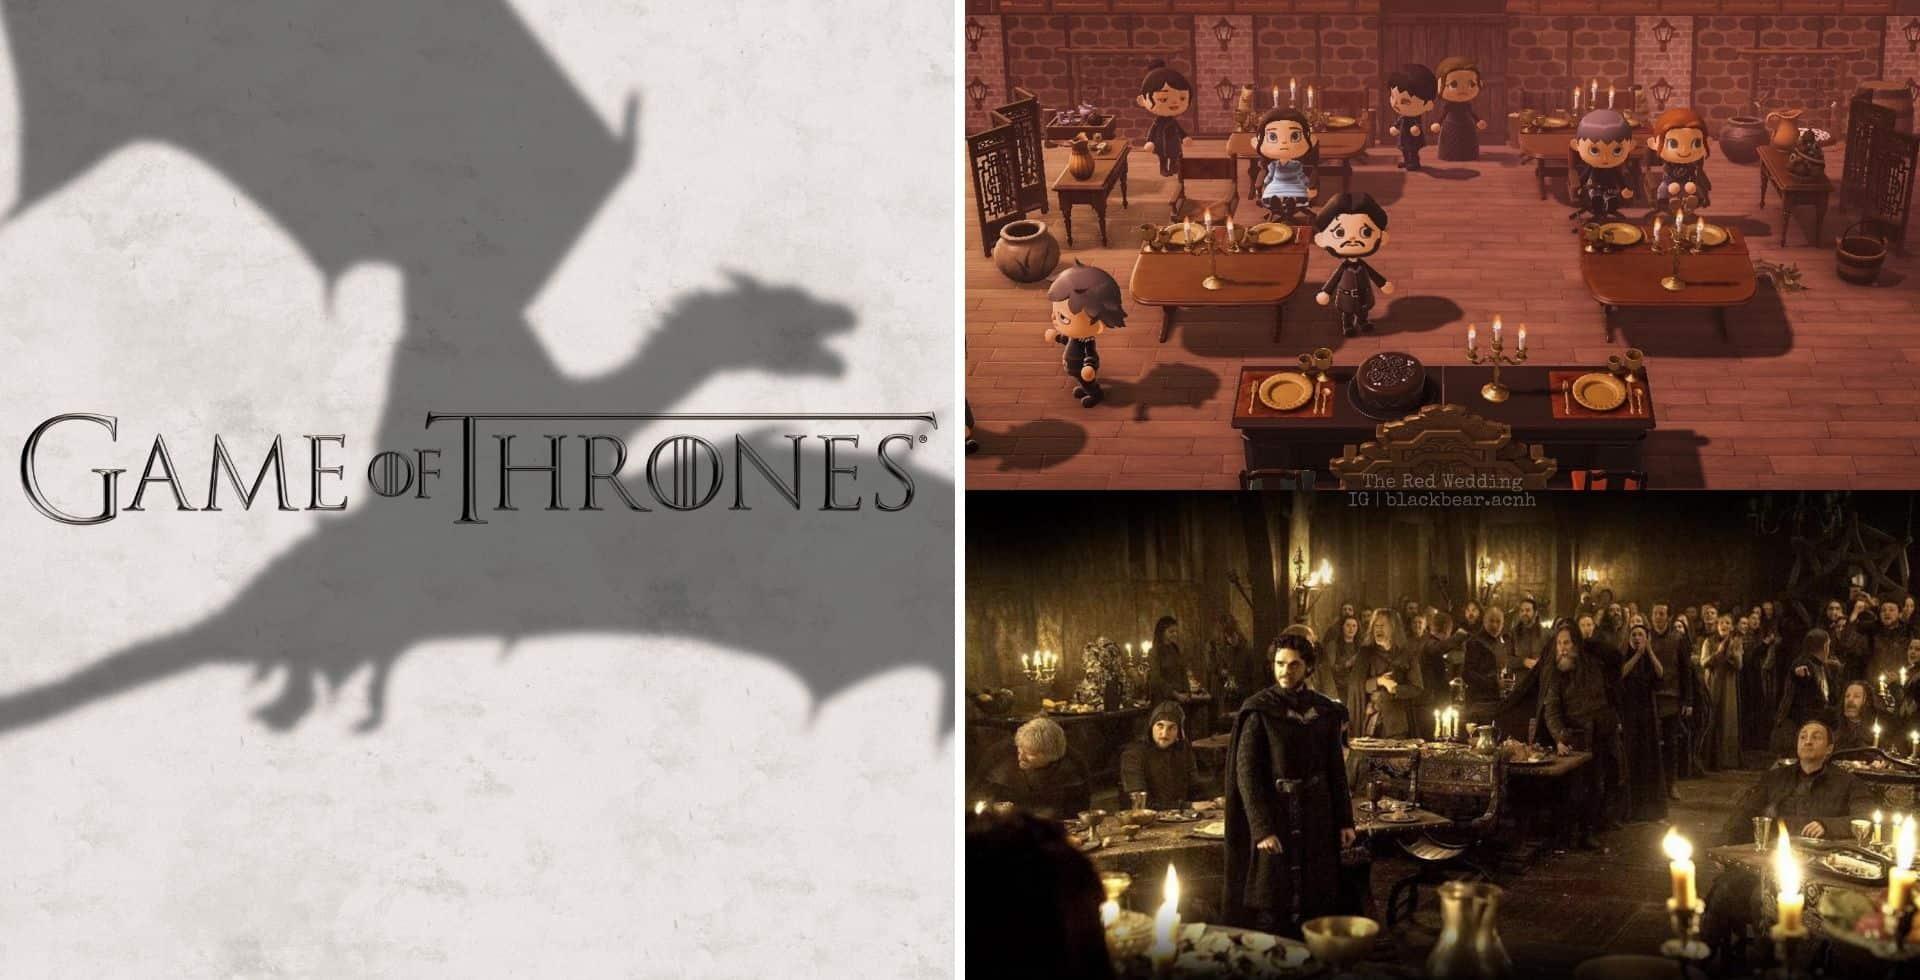 Recrean una importante escena de Game of Thrones en Animal Crossing y el resultado es increíble